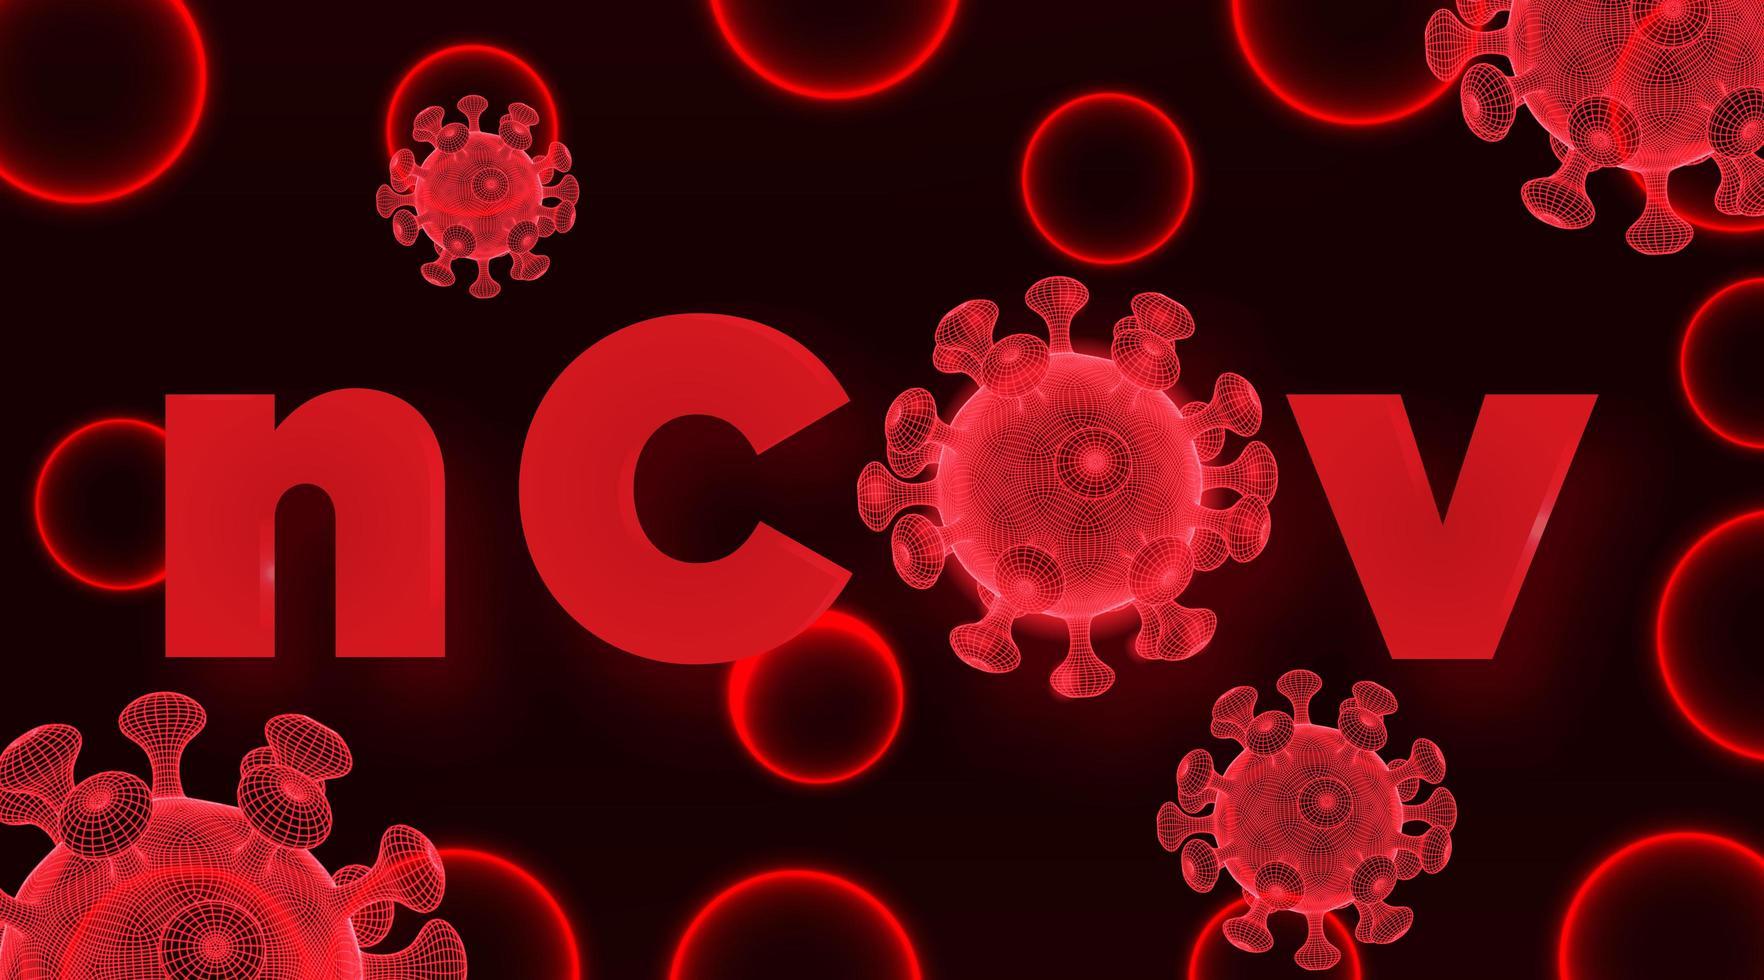 células de virus de estructura metálica roja 2019-ncov vector